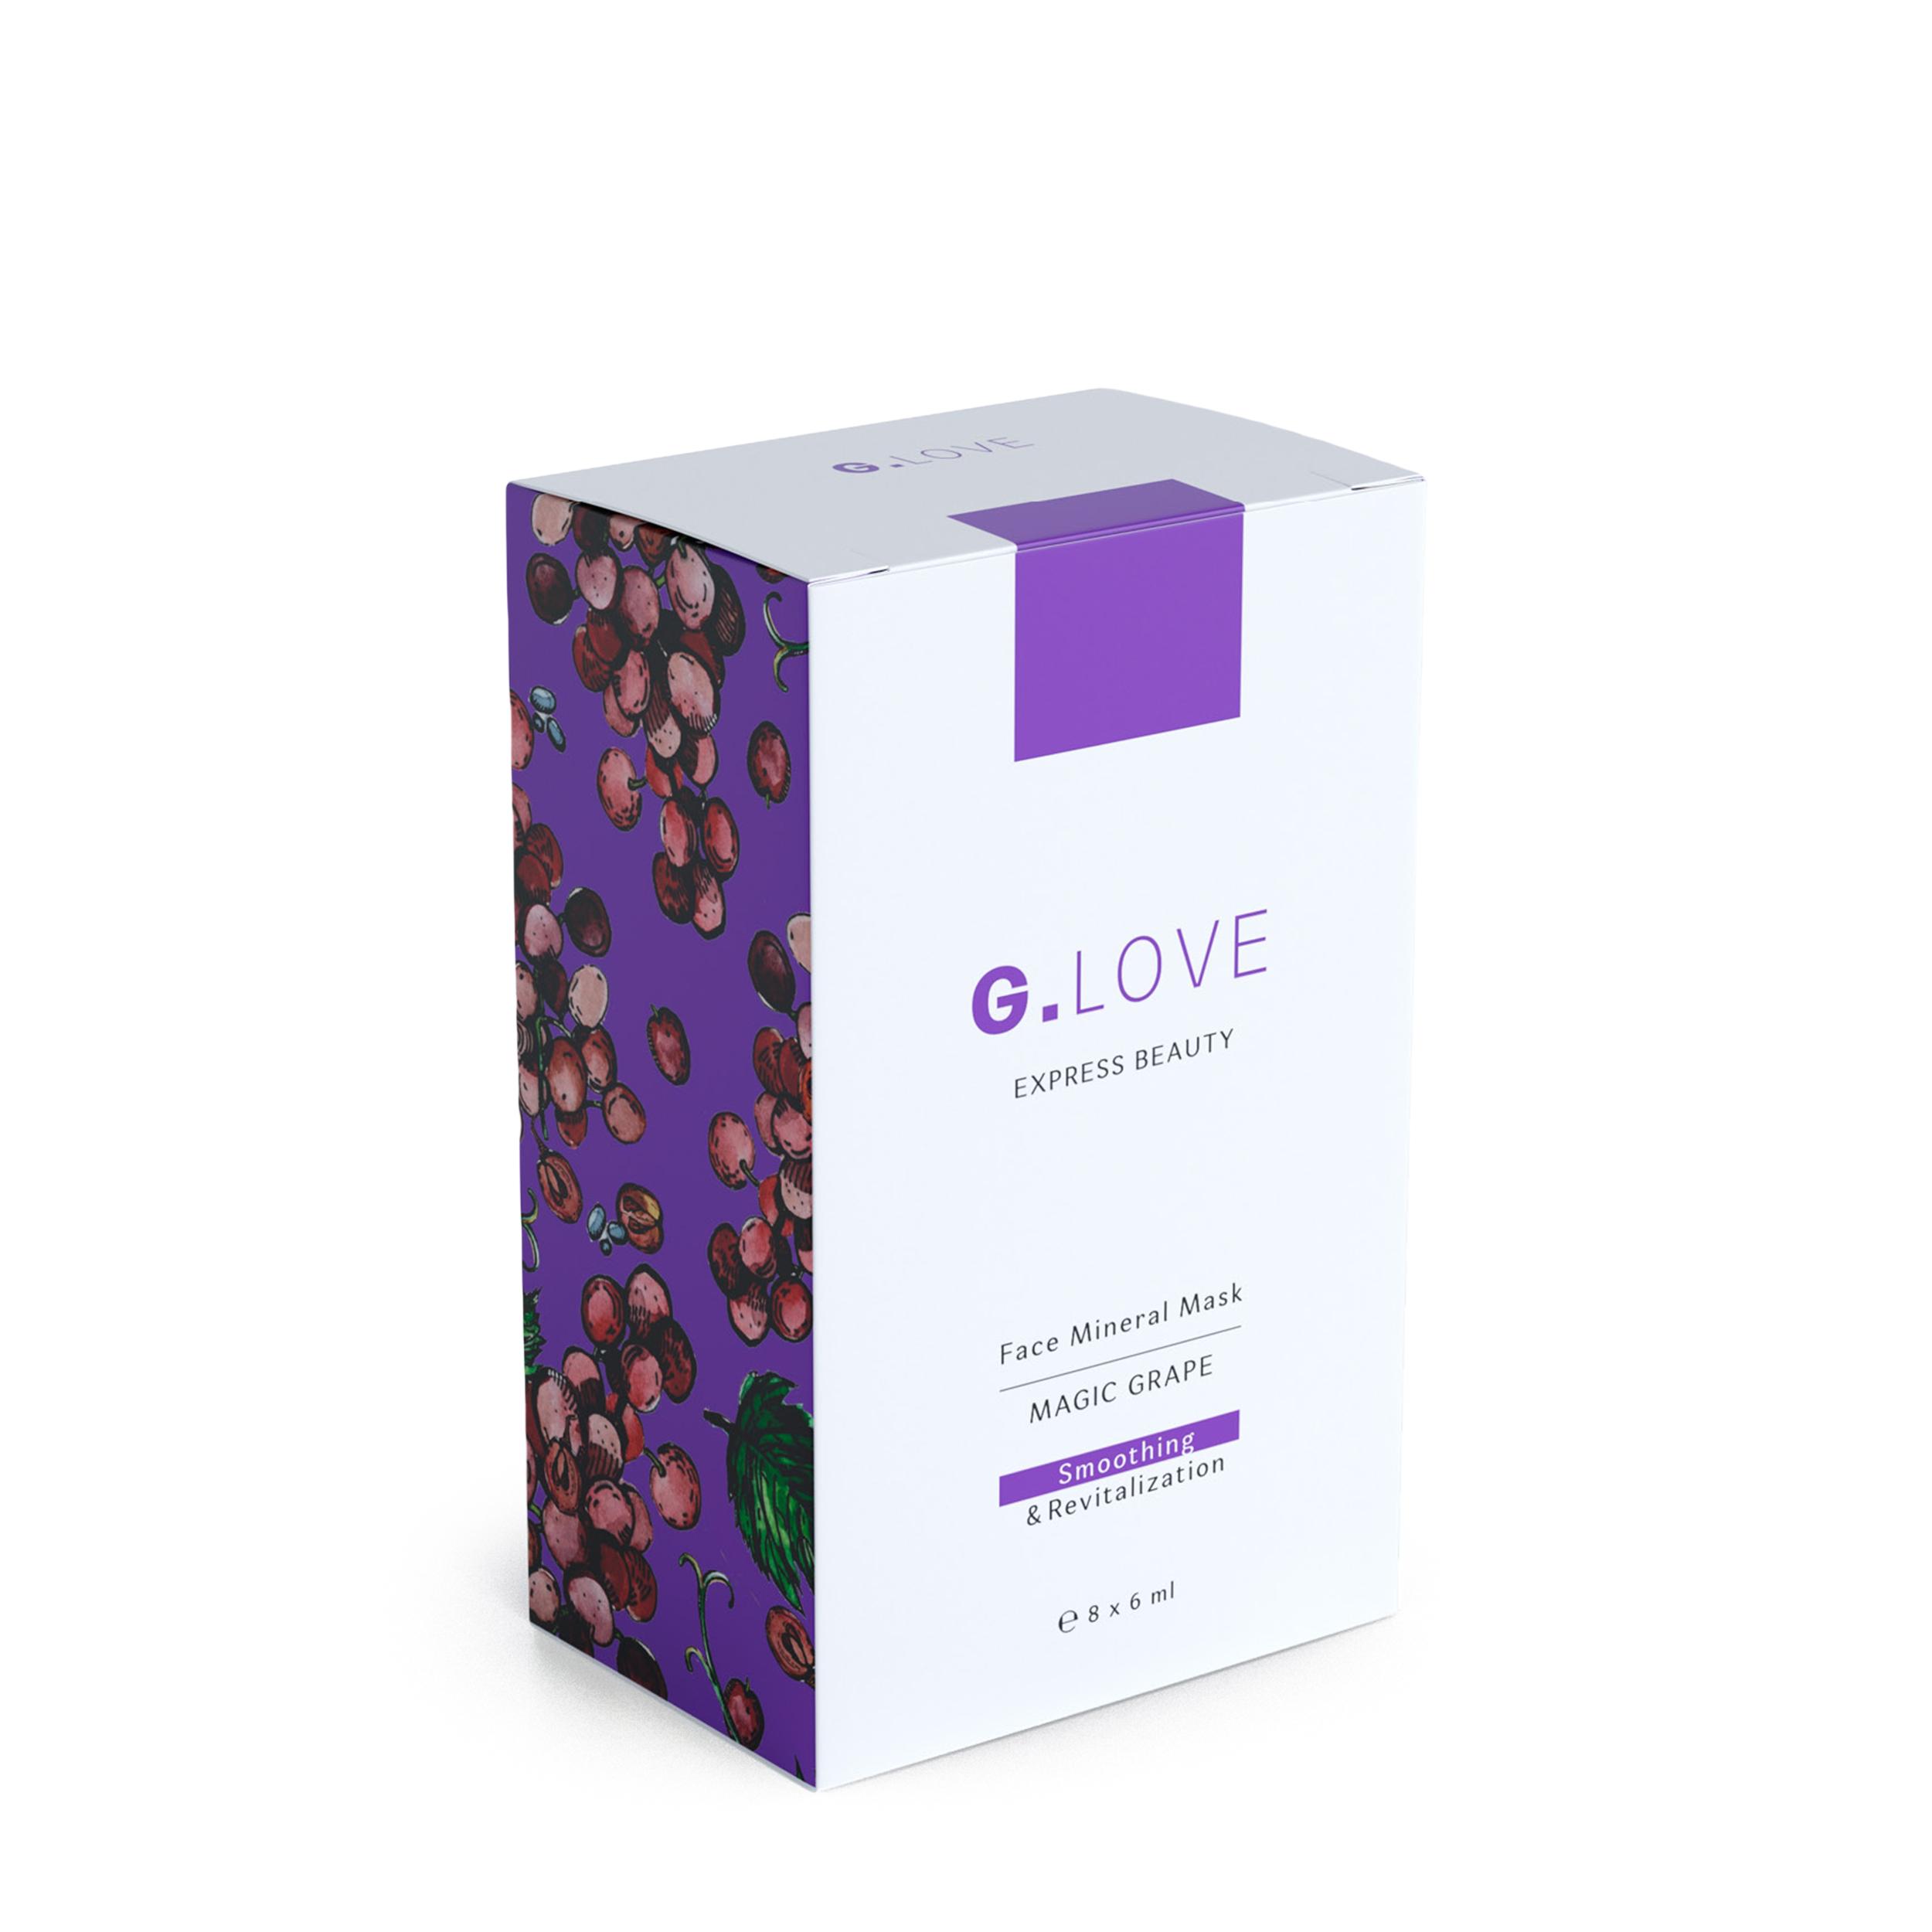 G.LOVE Минеральная маска для лица «Magic Grape» 8x6 мл фото